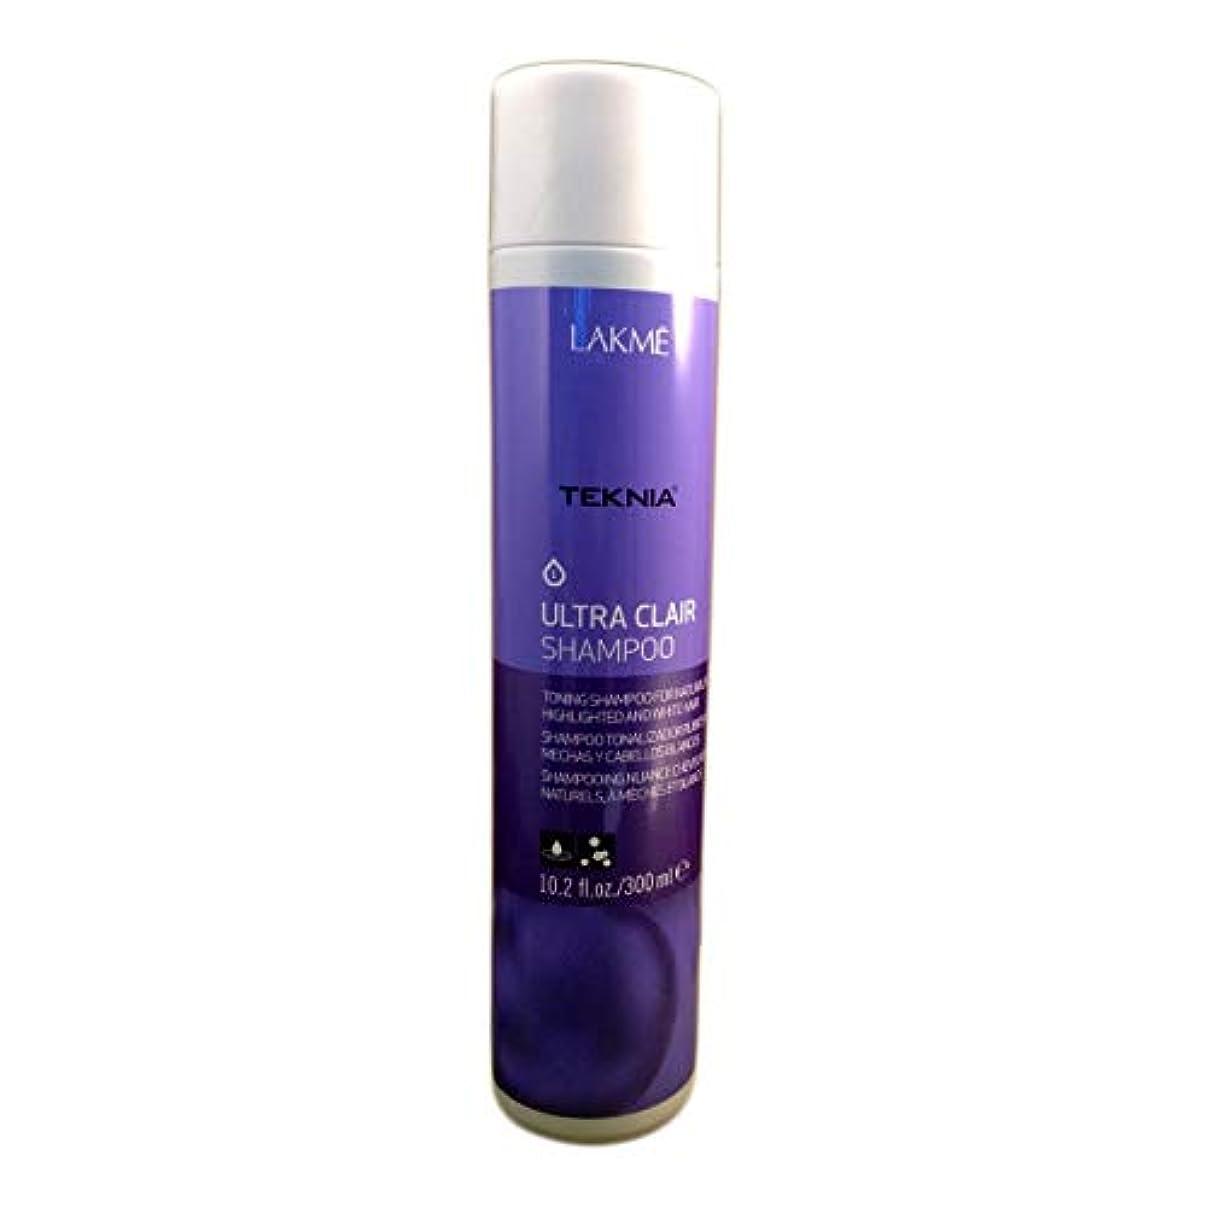 悪性腫瘍赤外線明らかにするLakme Teknia Ultra Clair Shampoo 10.2 Oz (300ml)